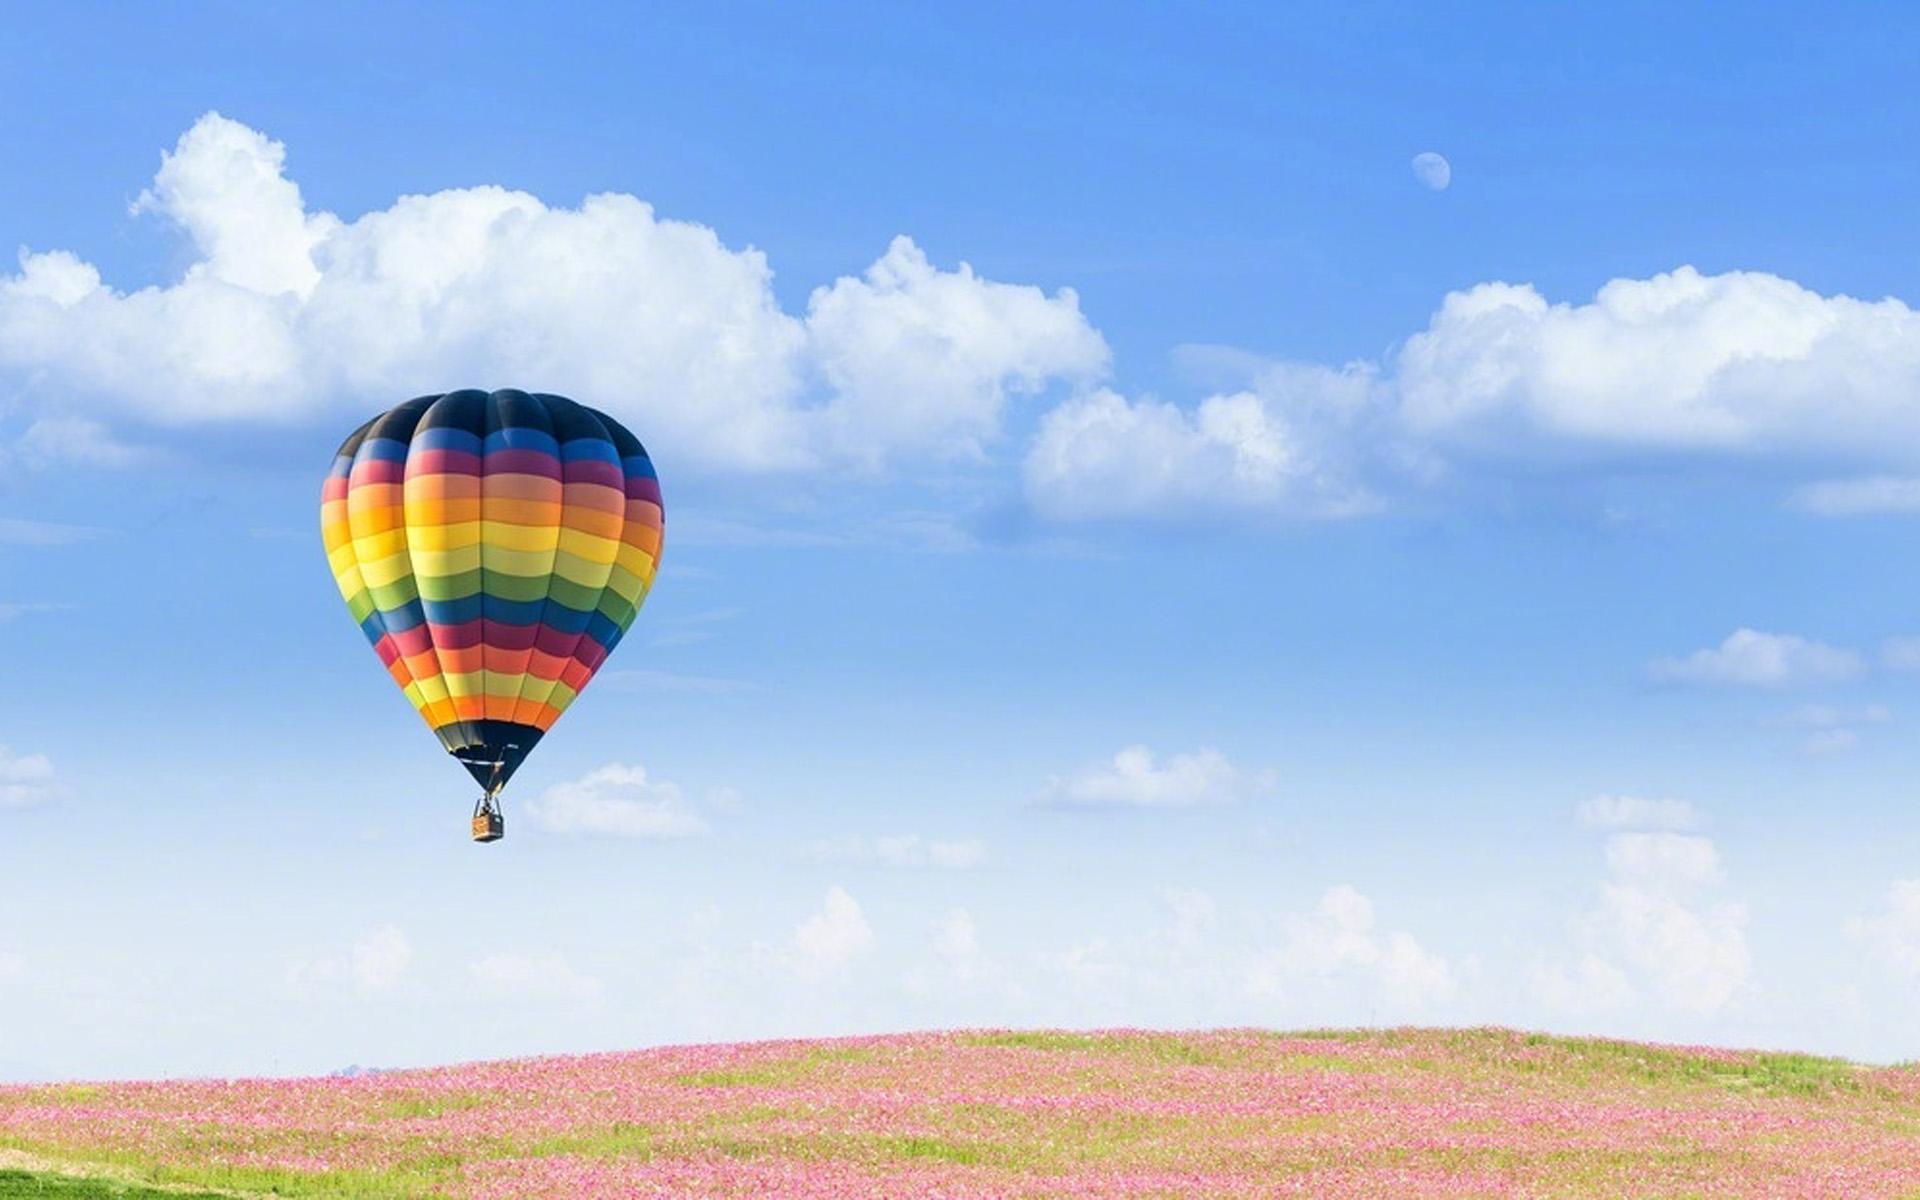 唯美热气球风景图片桌面壁纸,分辨率:1920x1200